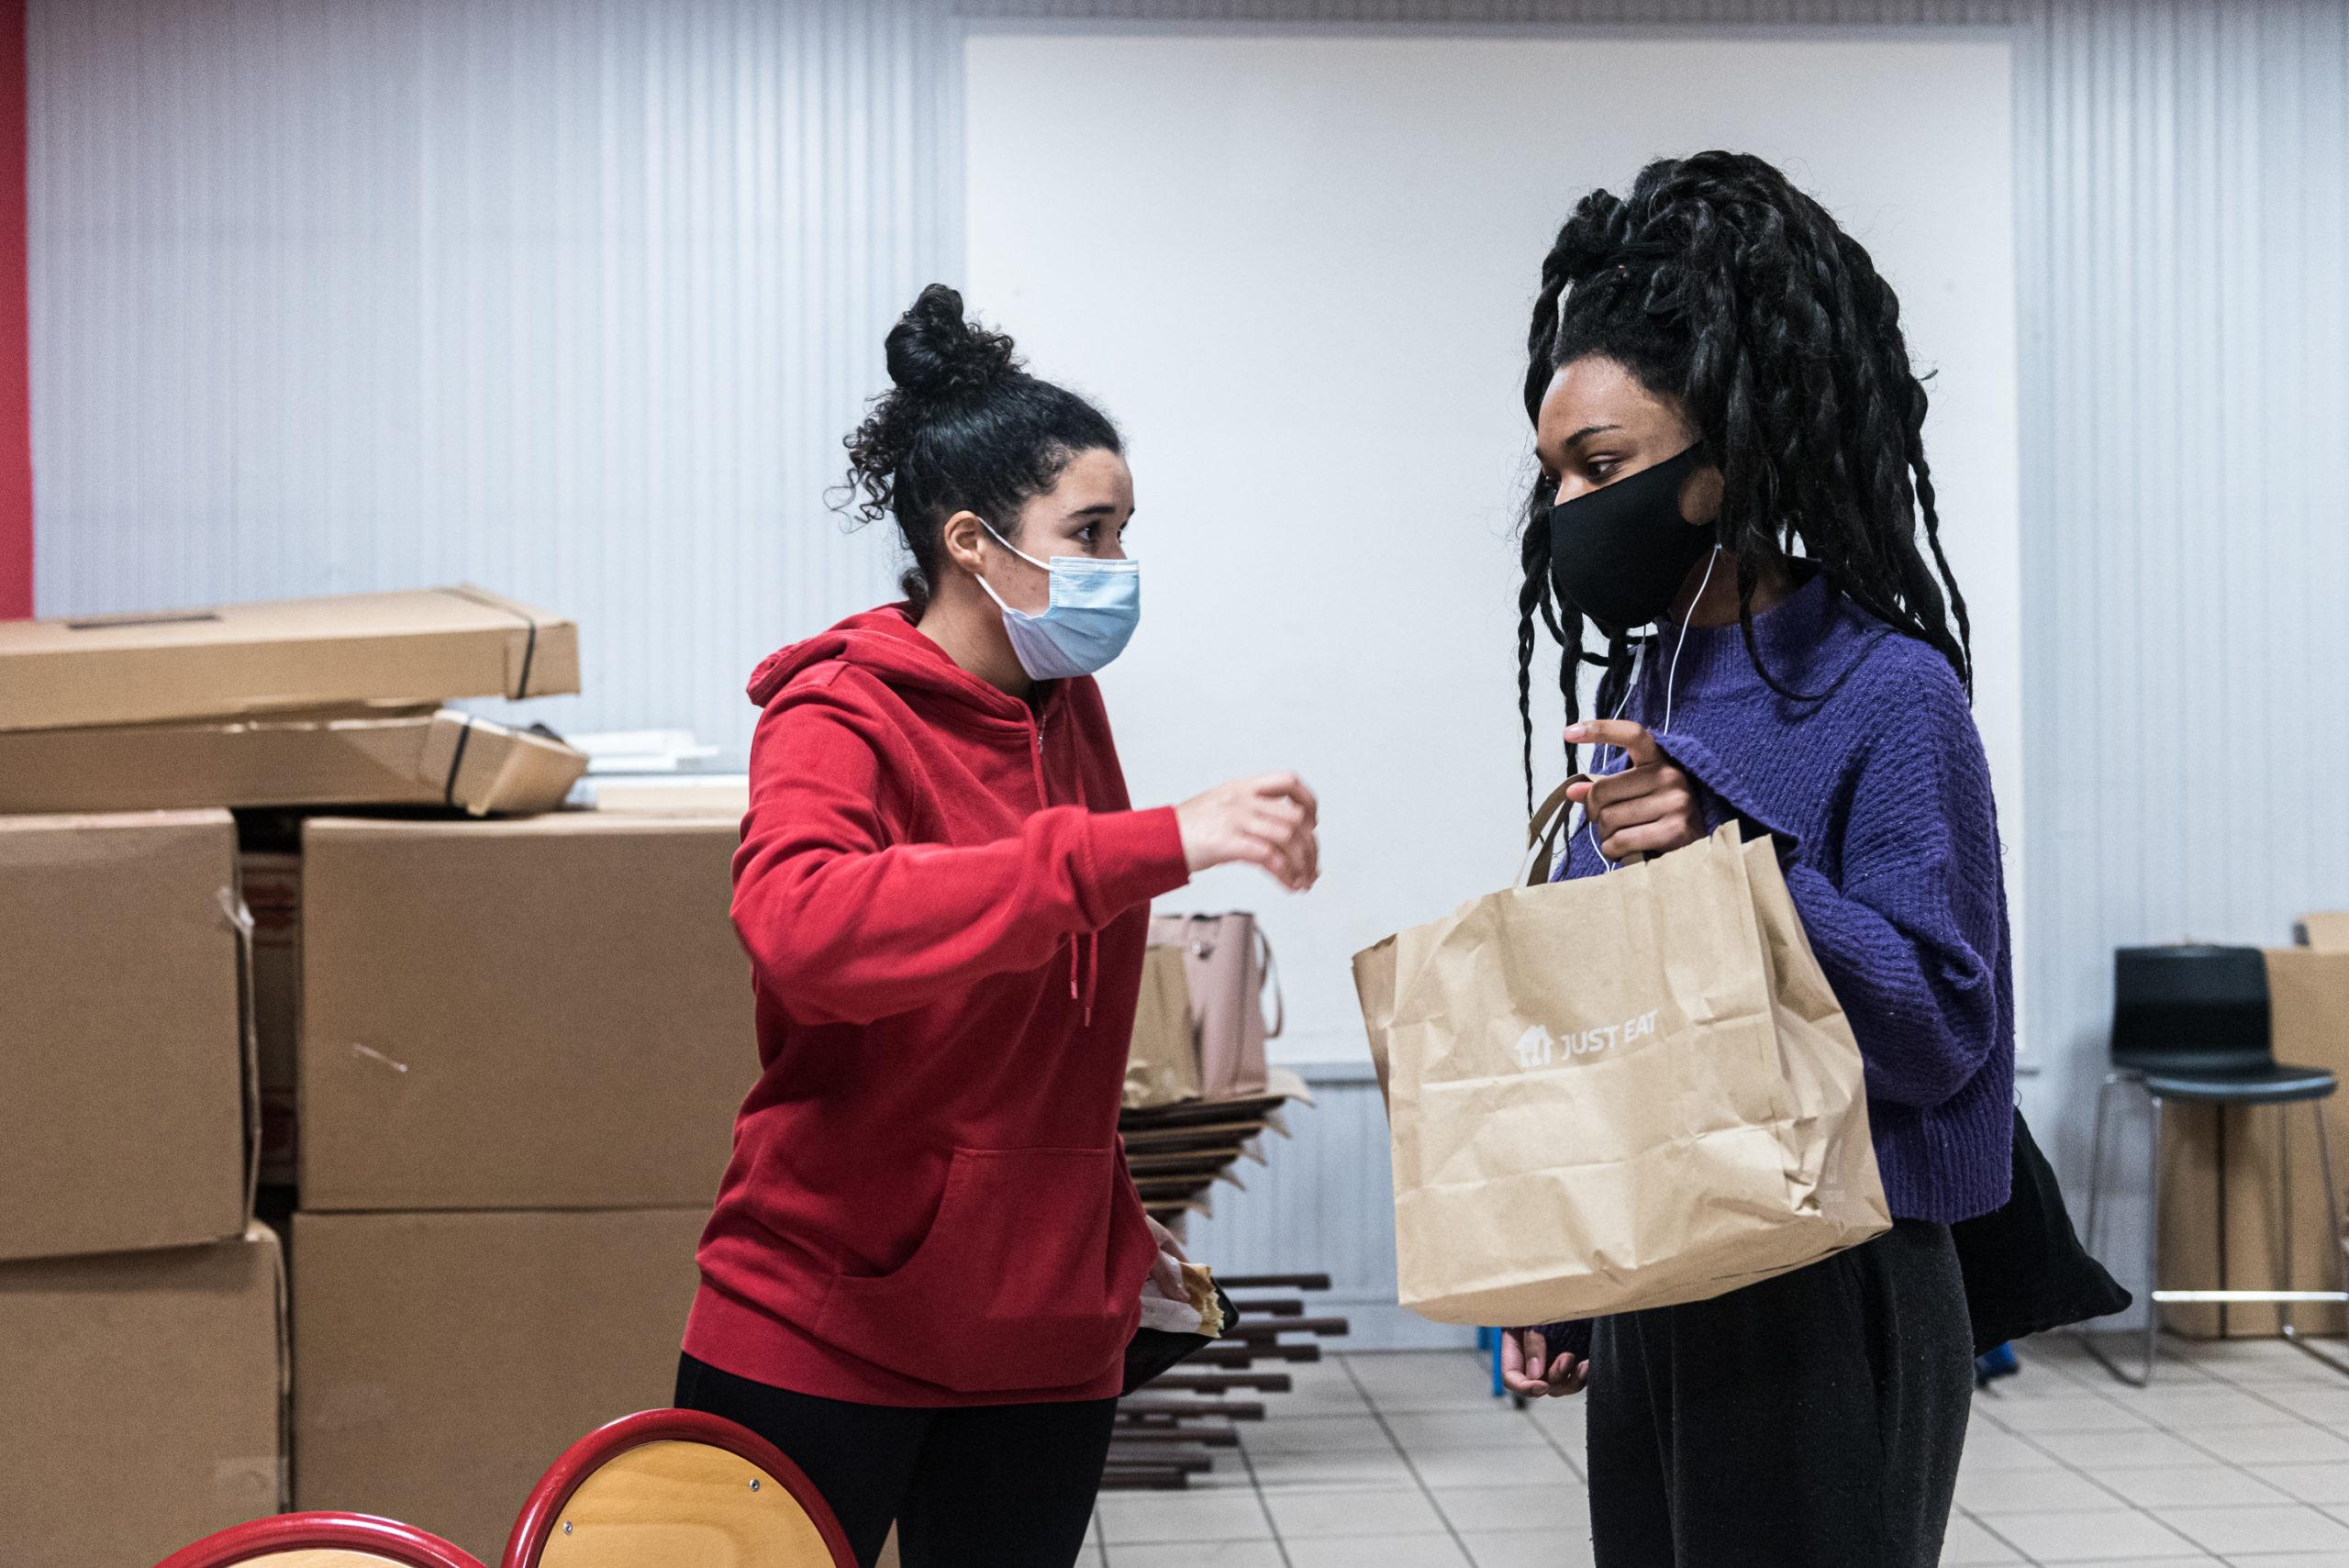 Alizé a 18 ans et est en première année d'un cursus pour devenir éducatrice spécialisée. C'est une amie de Chaïma, et elle l'aide à distribuer les colis alimentaires.